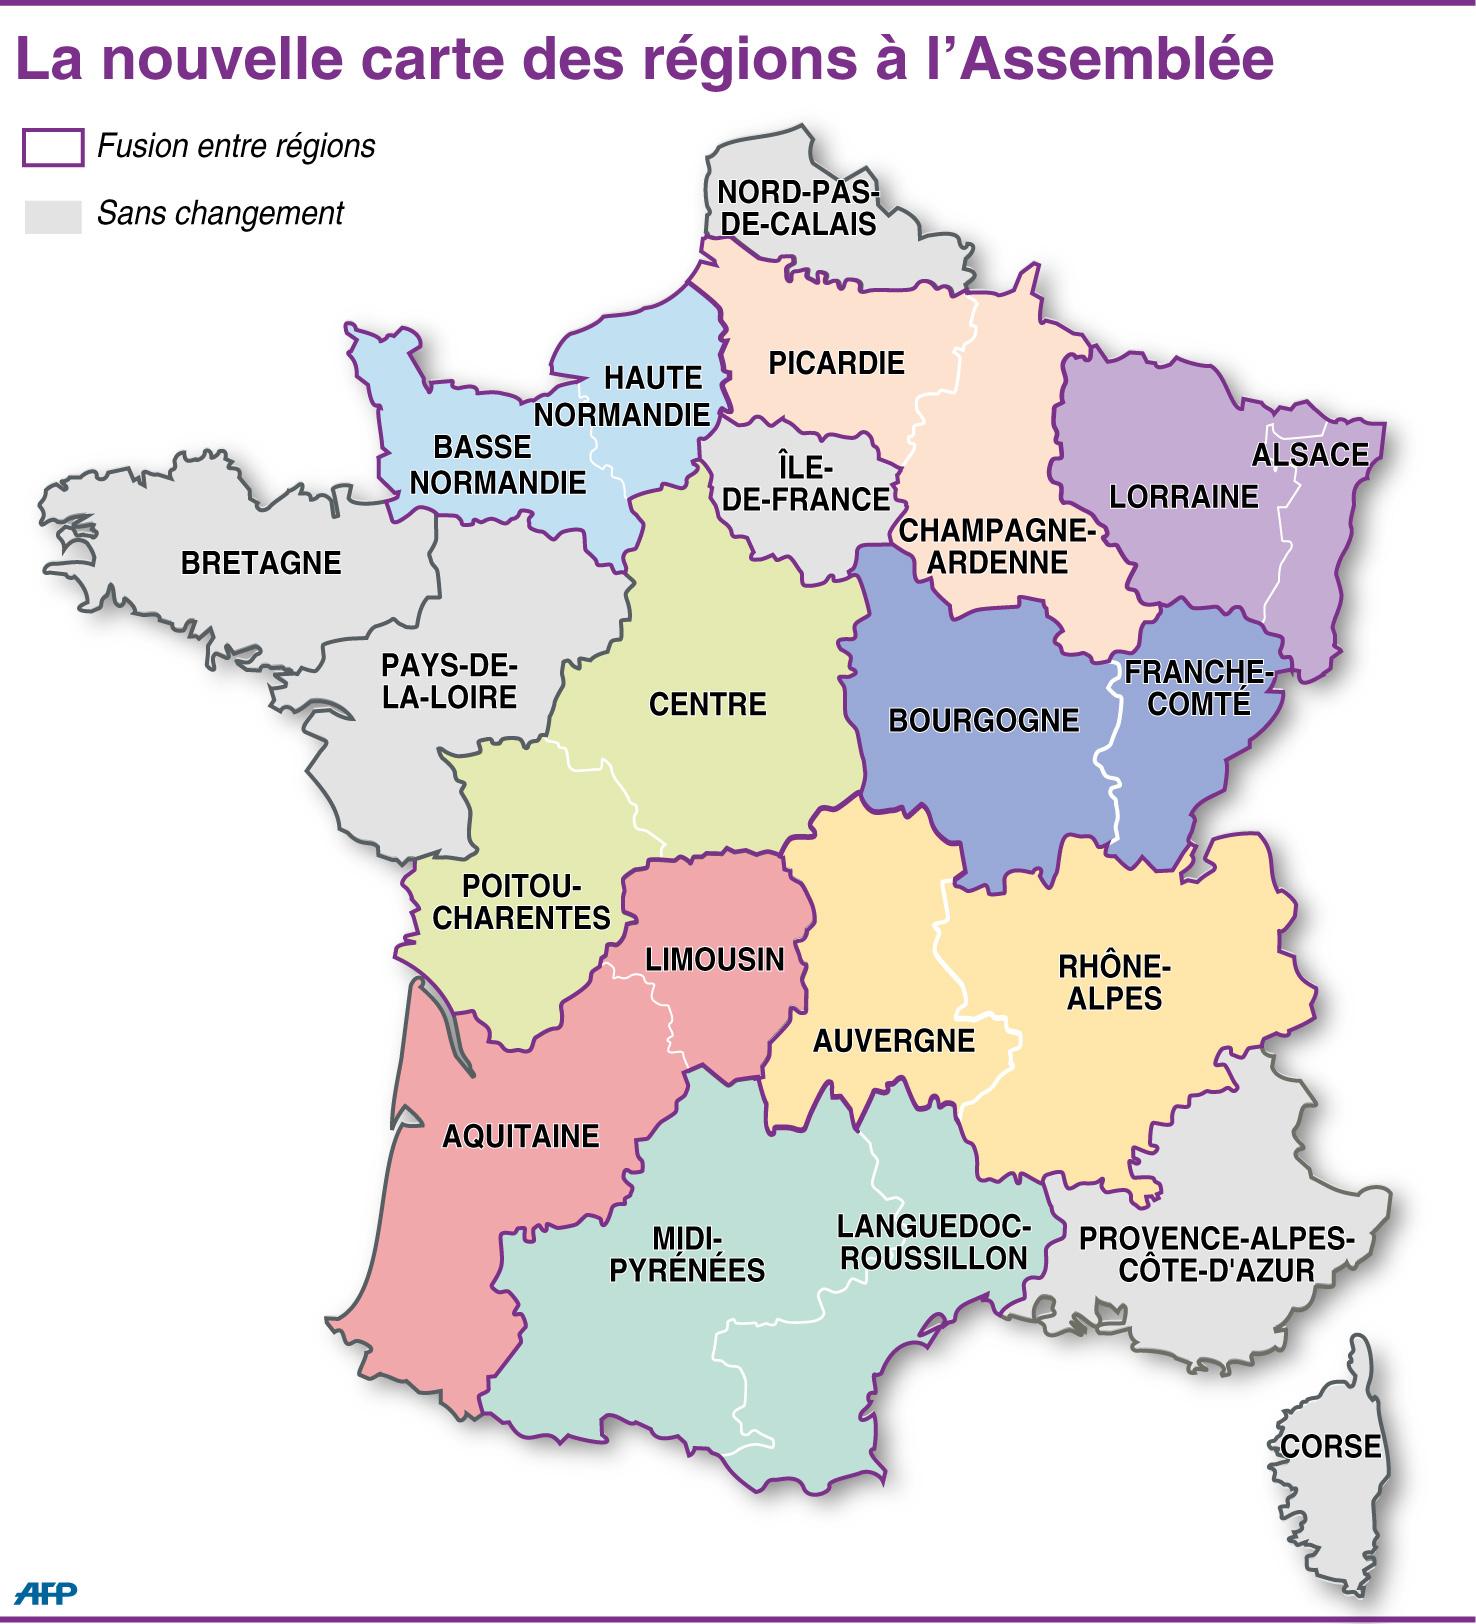 Réforme Territoriale : Les Députés Cherchent Le Consensus pour Dessin De Carte De France